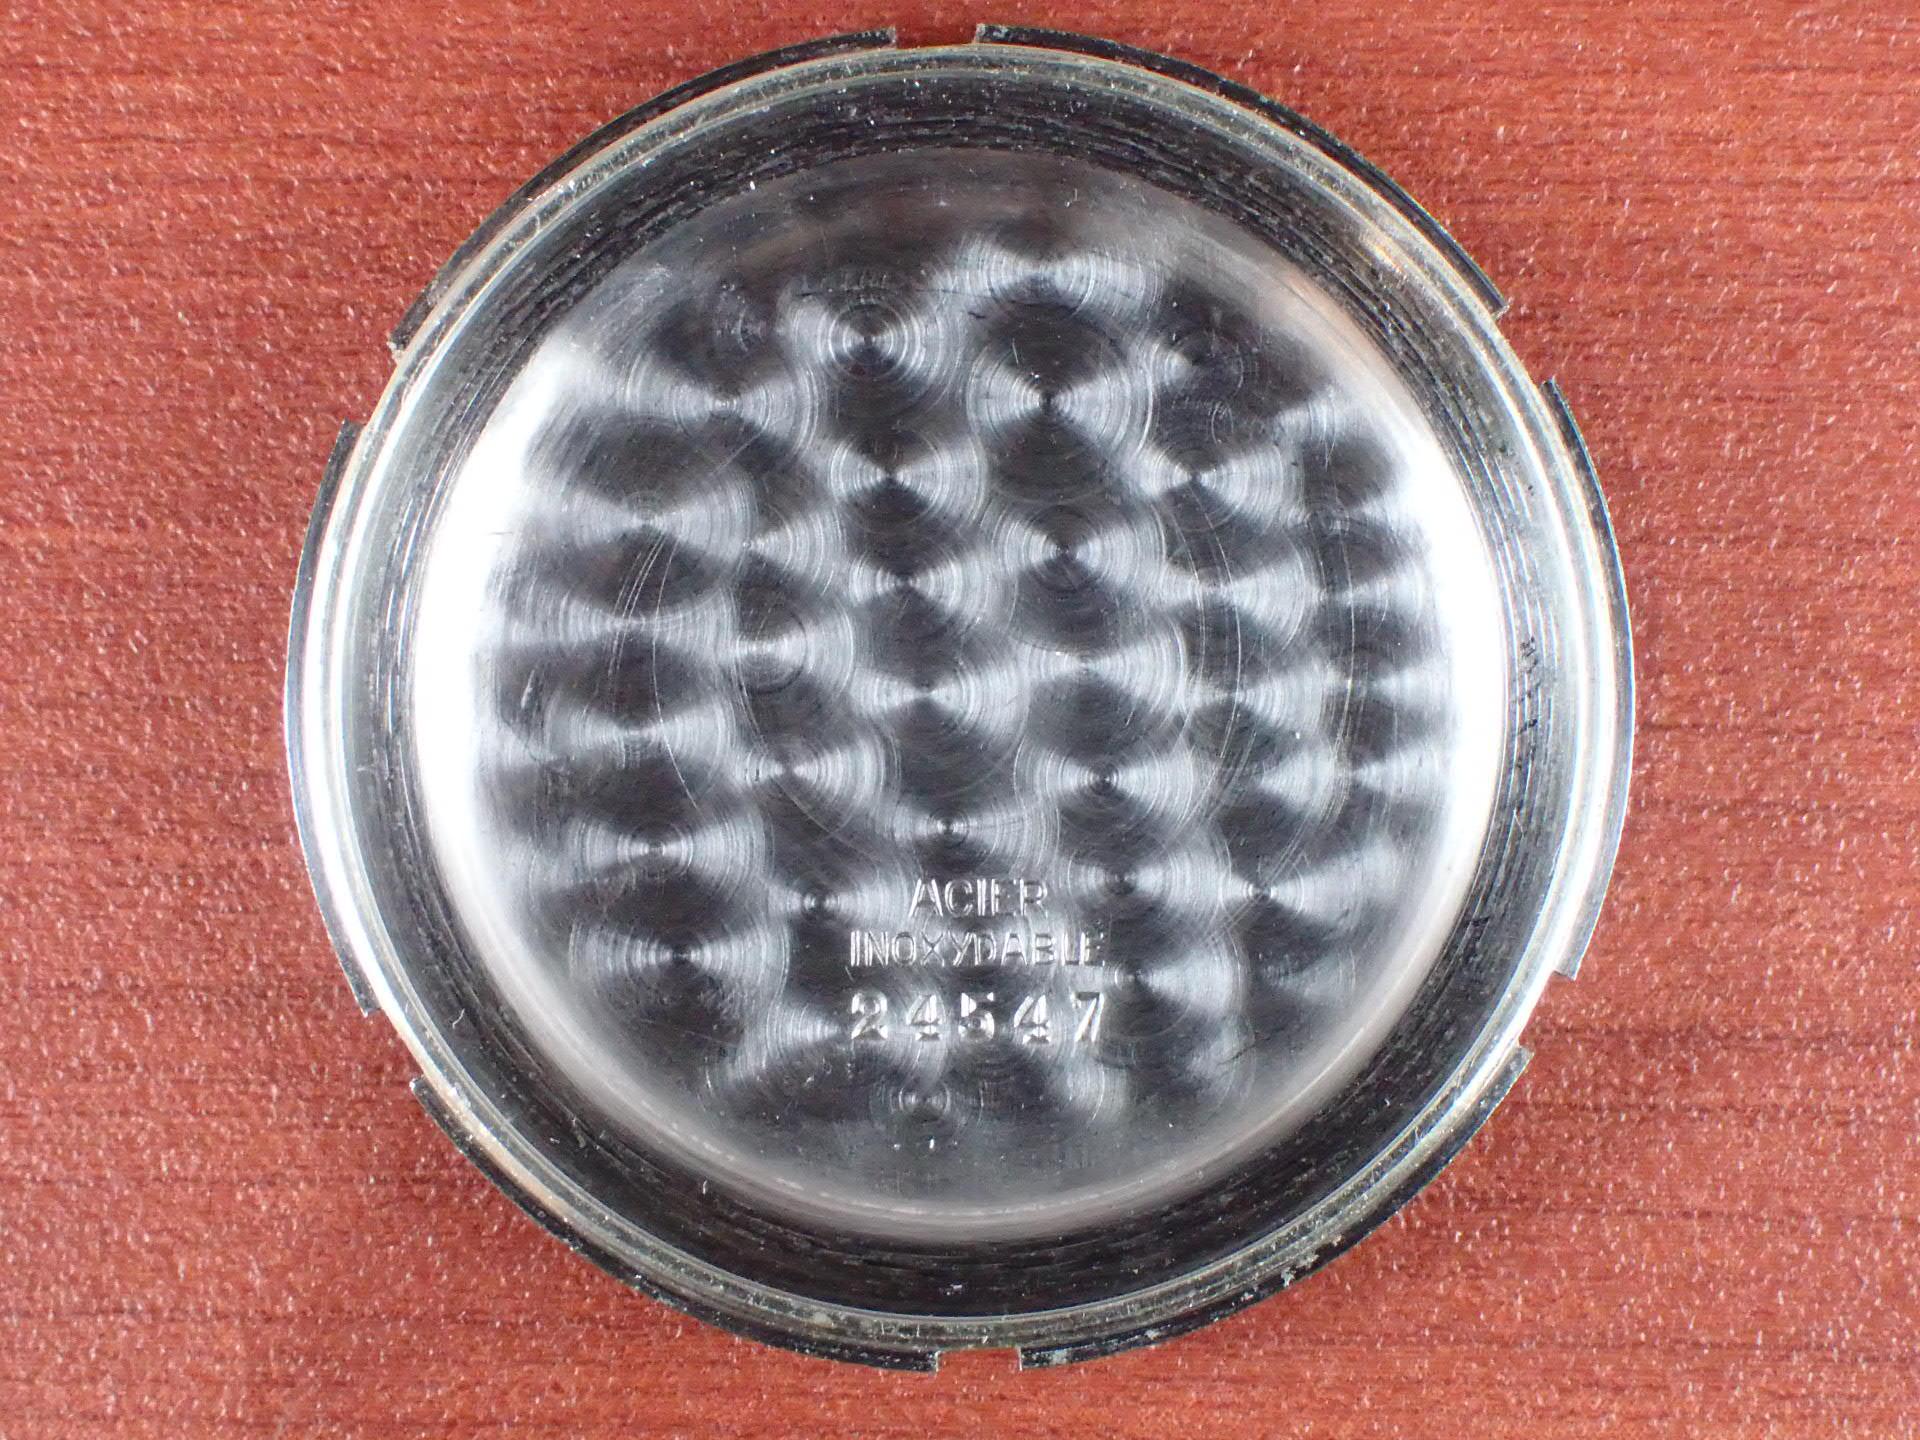 ミルディア クロノグラフ Cal.Valjoux23 ブラックミラーダイアル 1940年代の写真6枚目